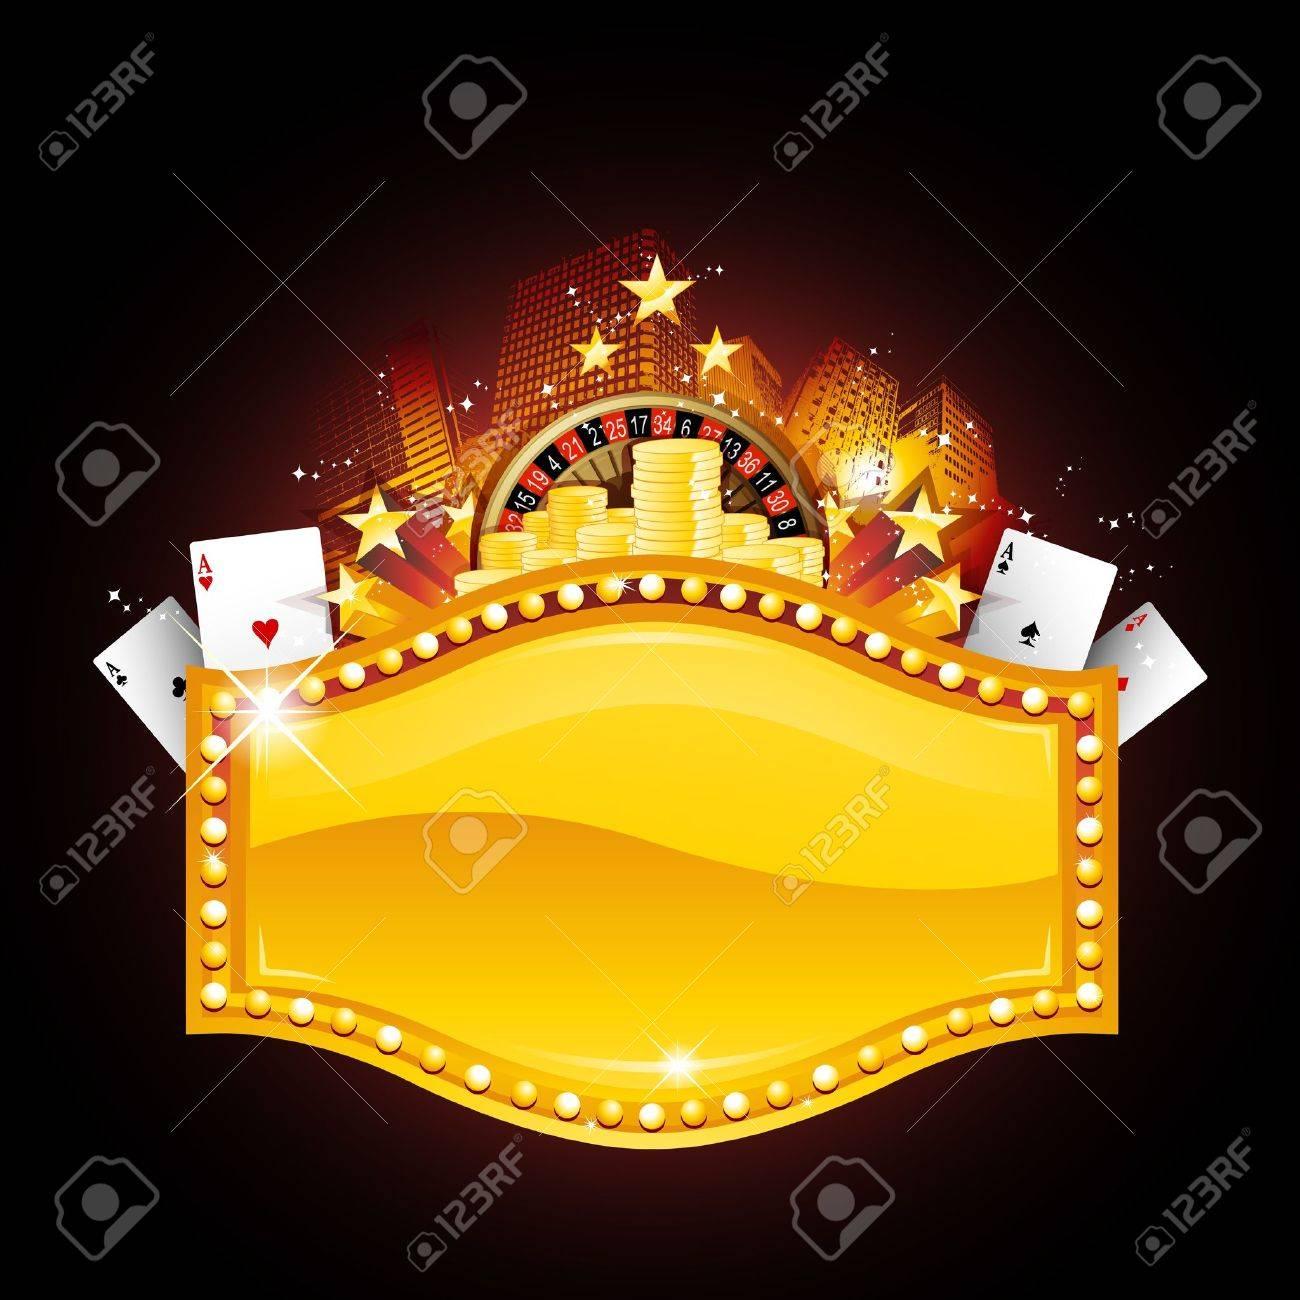 Casino placard Stock Vector - 9477441